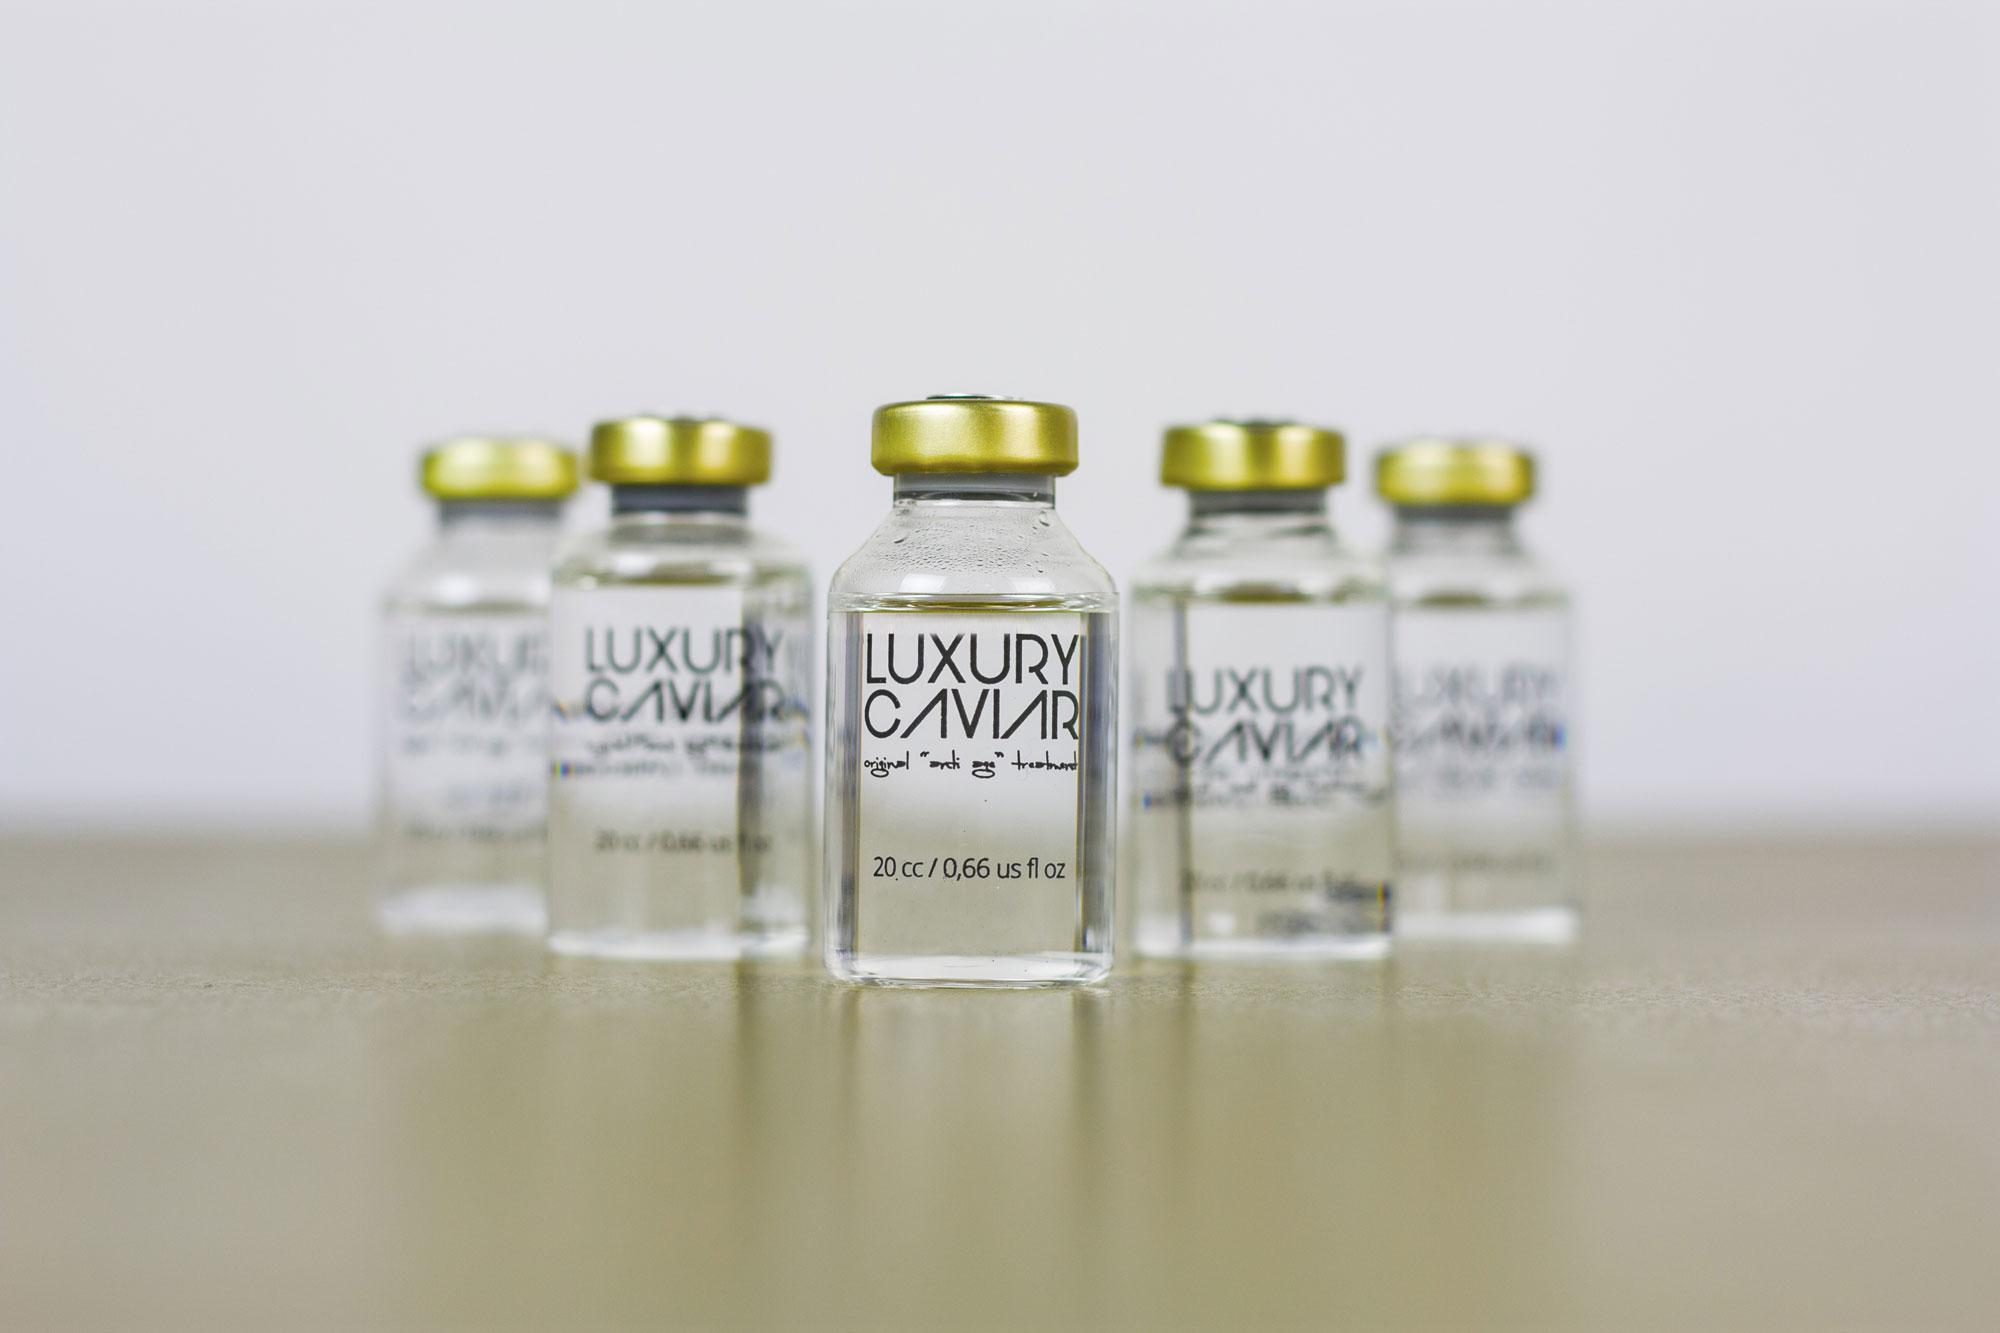 Luxury-caviar-keratina-tratamiento